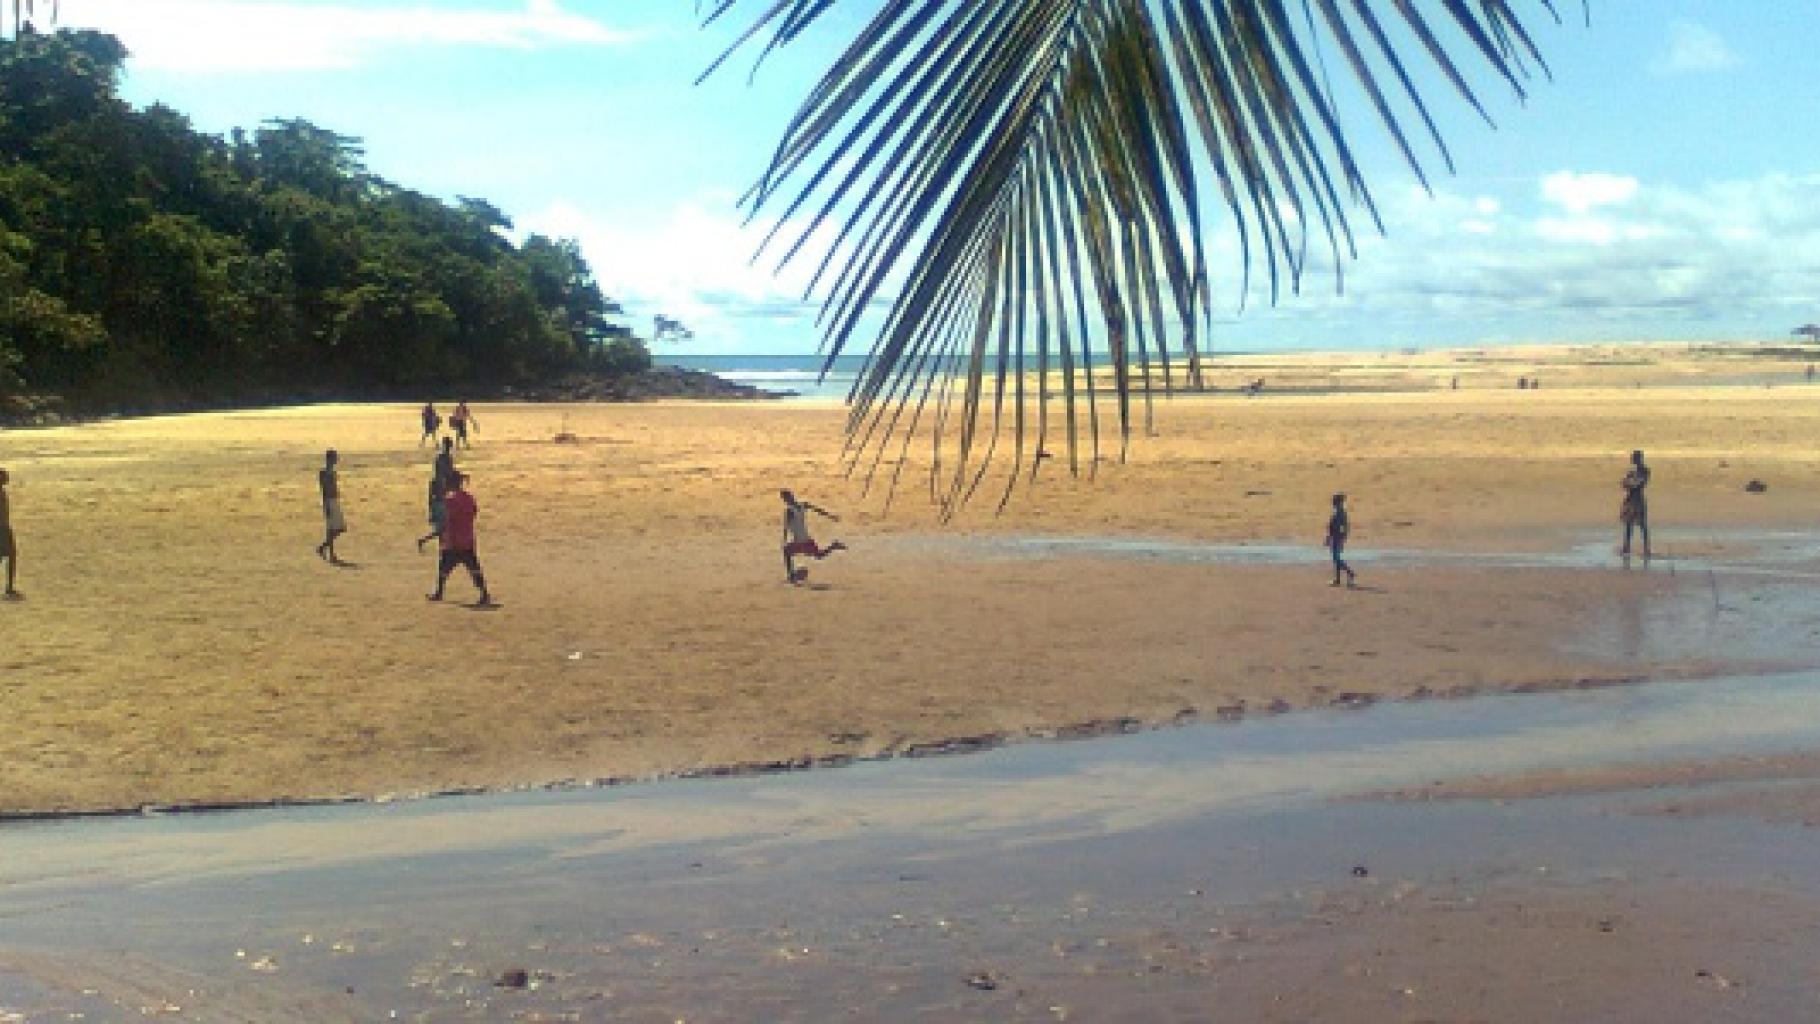 Foto: Jungen spielen Fußball an einem Strand.